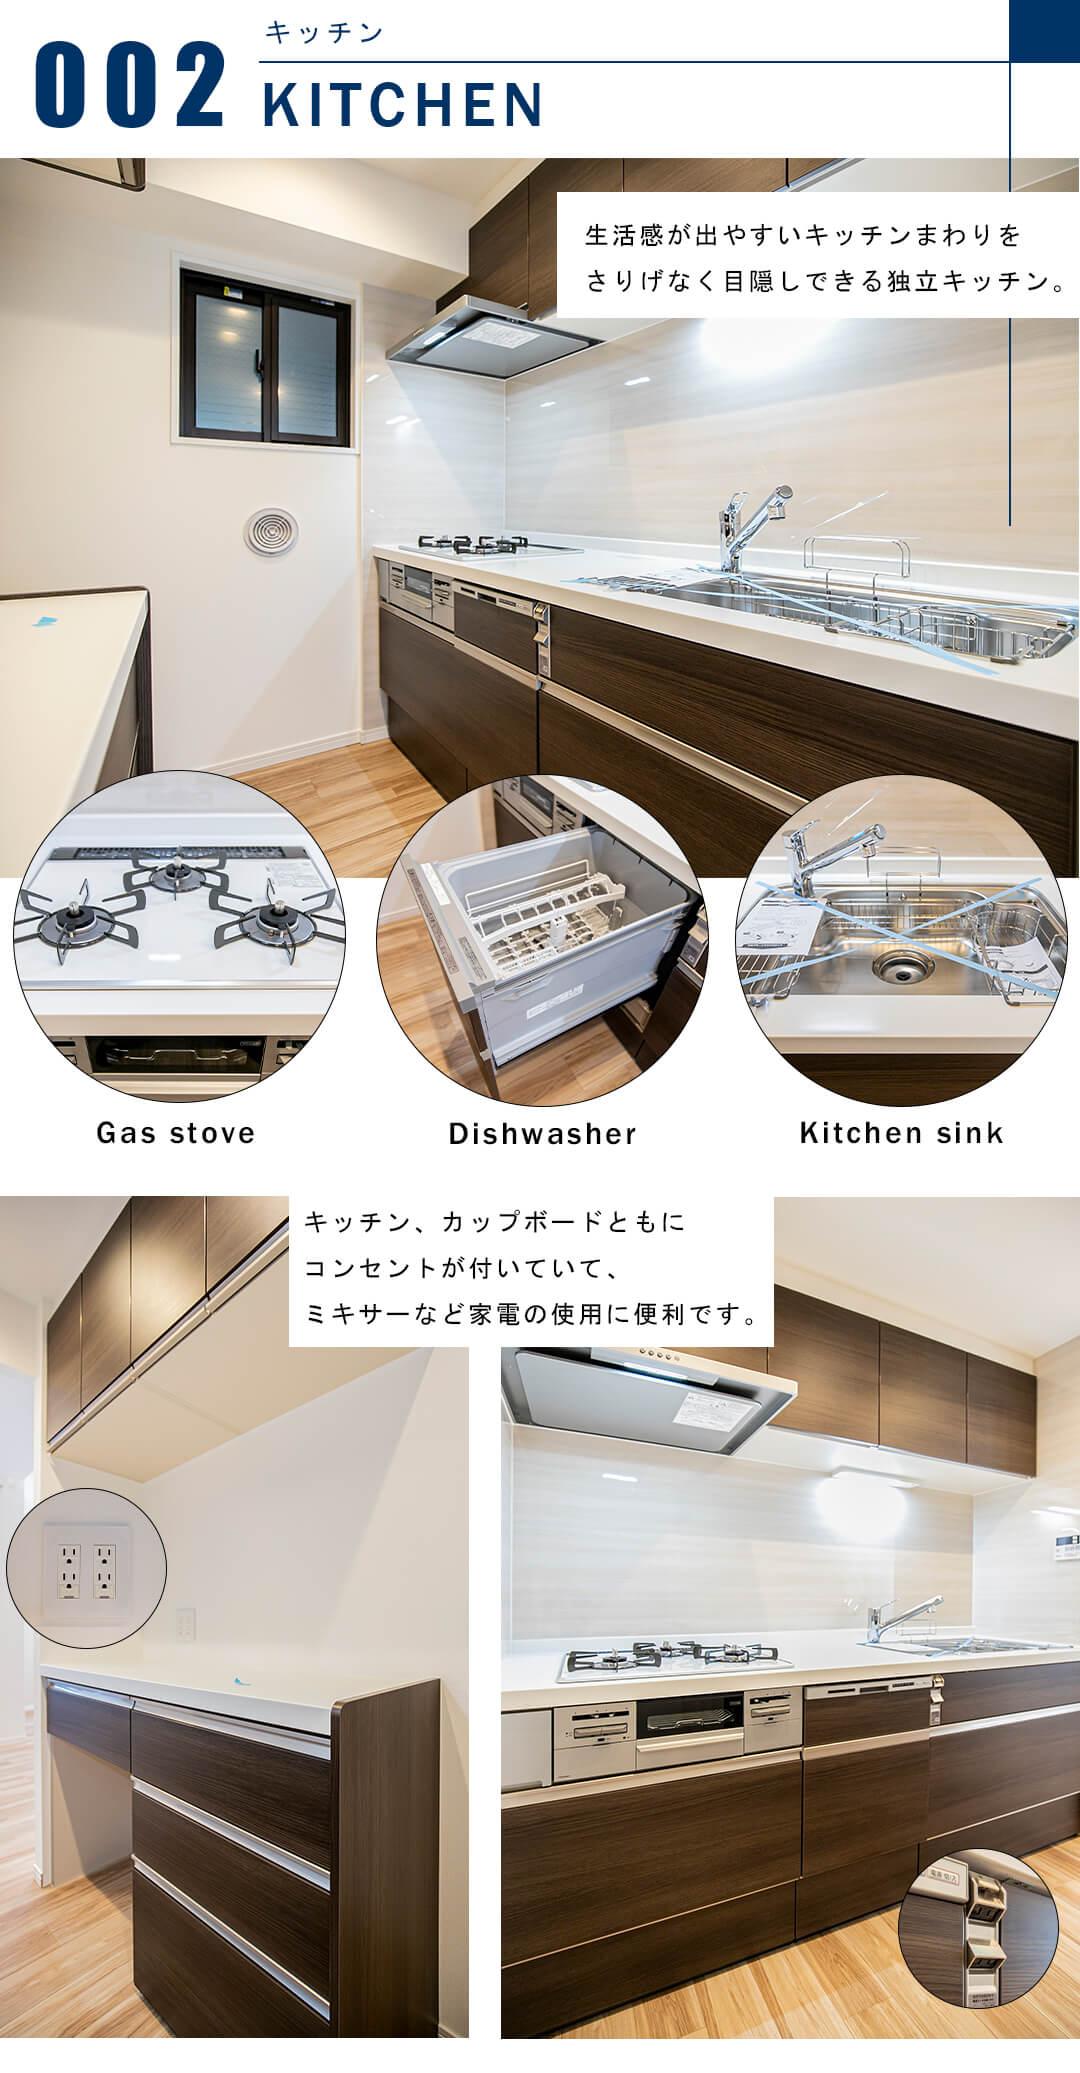 グリーン・パーク日本橋参番館のキッチン